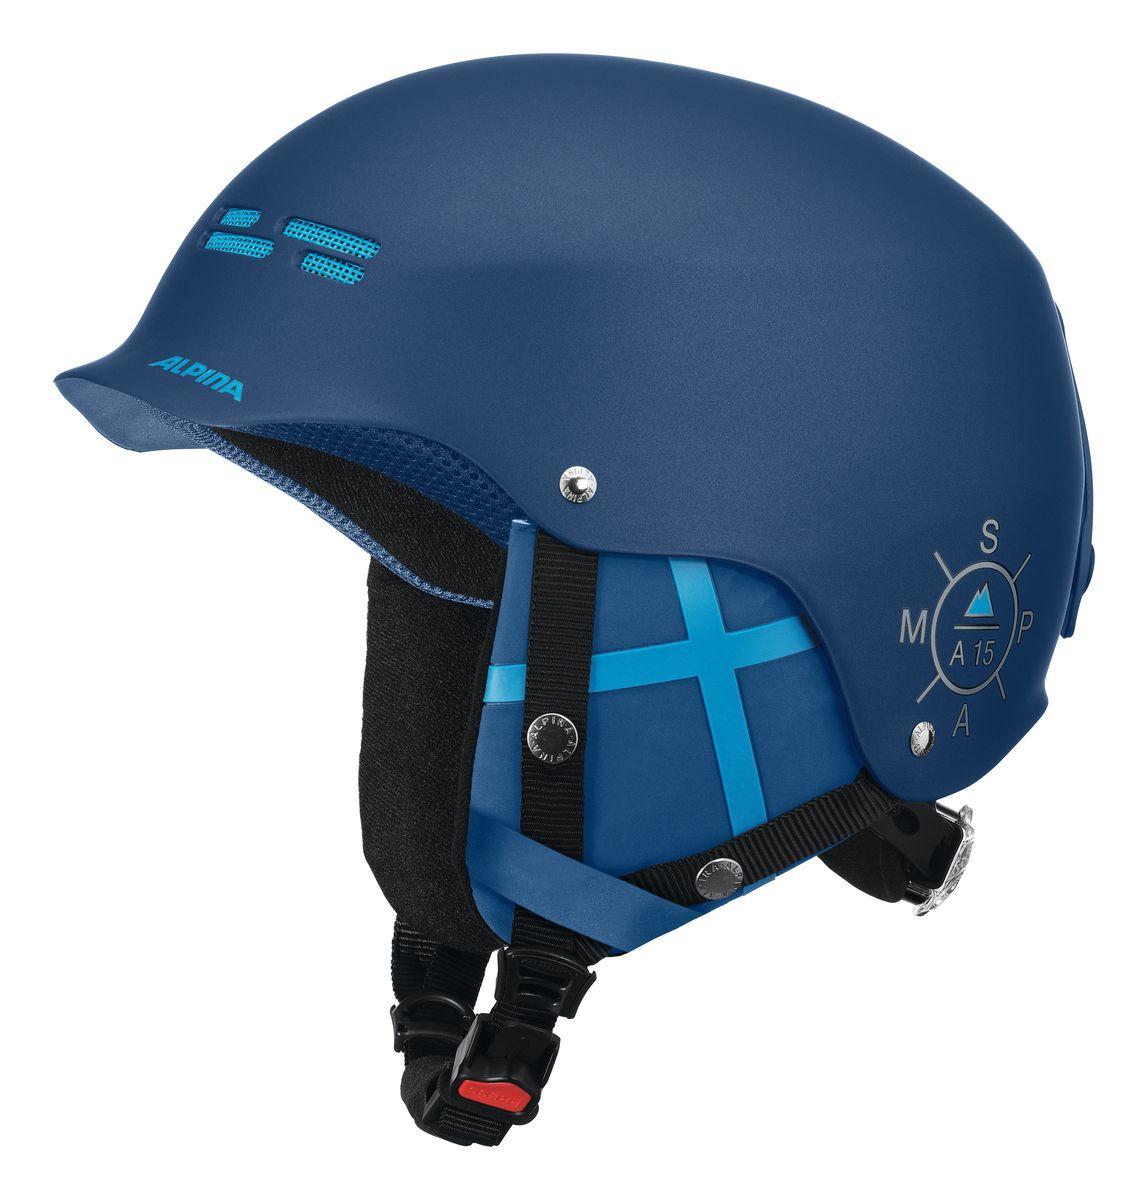 Шлем зимний Alpina Spam Cap, цвет: синий. Размер 54-57. 9033_829033_82HARD SHELL - сочетание ударопрочного внешней оболочки (ABS пластик или поликарбонат) и утепляющей внутренней оболочки (EPS) гарантирует максимальную безопасность.RUN SYSTEM ERGO SNOW – гибкая система настройки шлема, оснащённая удобной ручкой, оснащенная двумя дополнительными подушками-уплотнителями для сокращения давления VENTING SYSTEM – особые вентиляционные отверстия для отведения излишнего тепла и поддержания оптимальной температурыREMOVABLE EARPADS - съемные амбушюры добавляют чувства свободы во время катания в теплую погоду, не в ущерб безопасности. При падении температуры, амбушюры легко устанавливаются обратно на шлем.